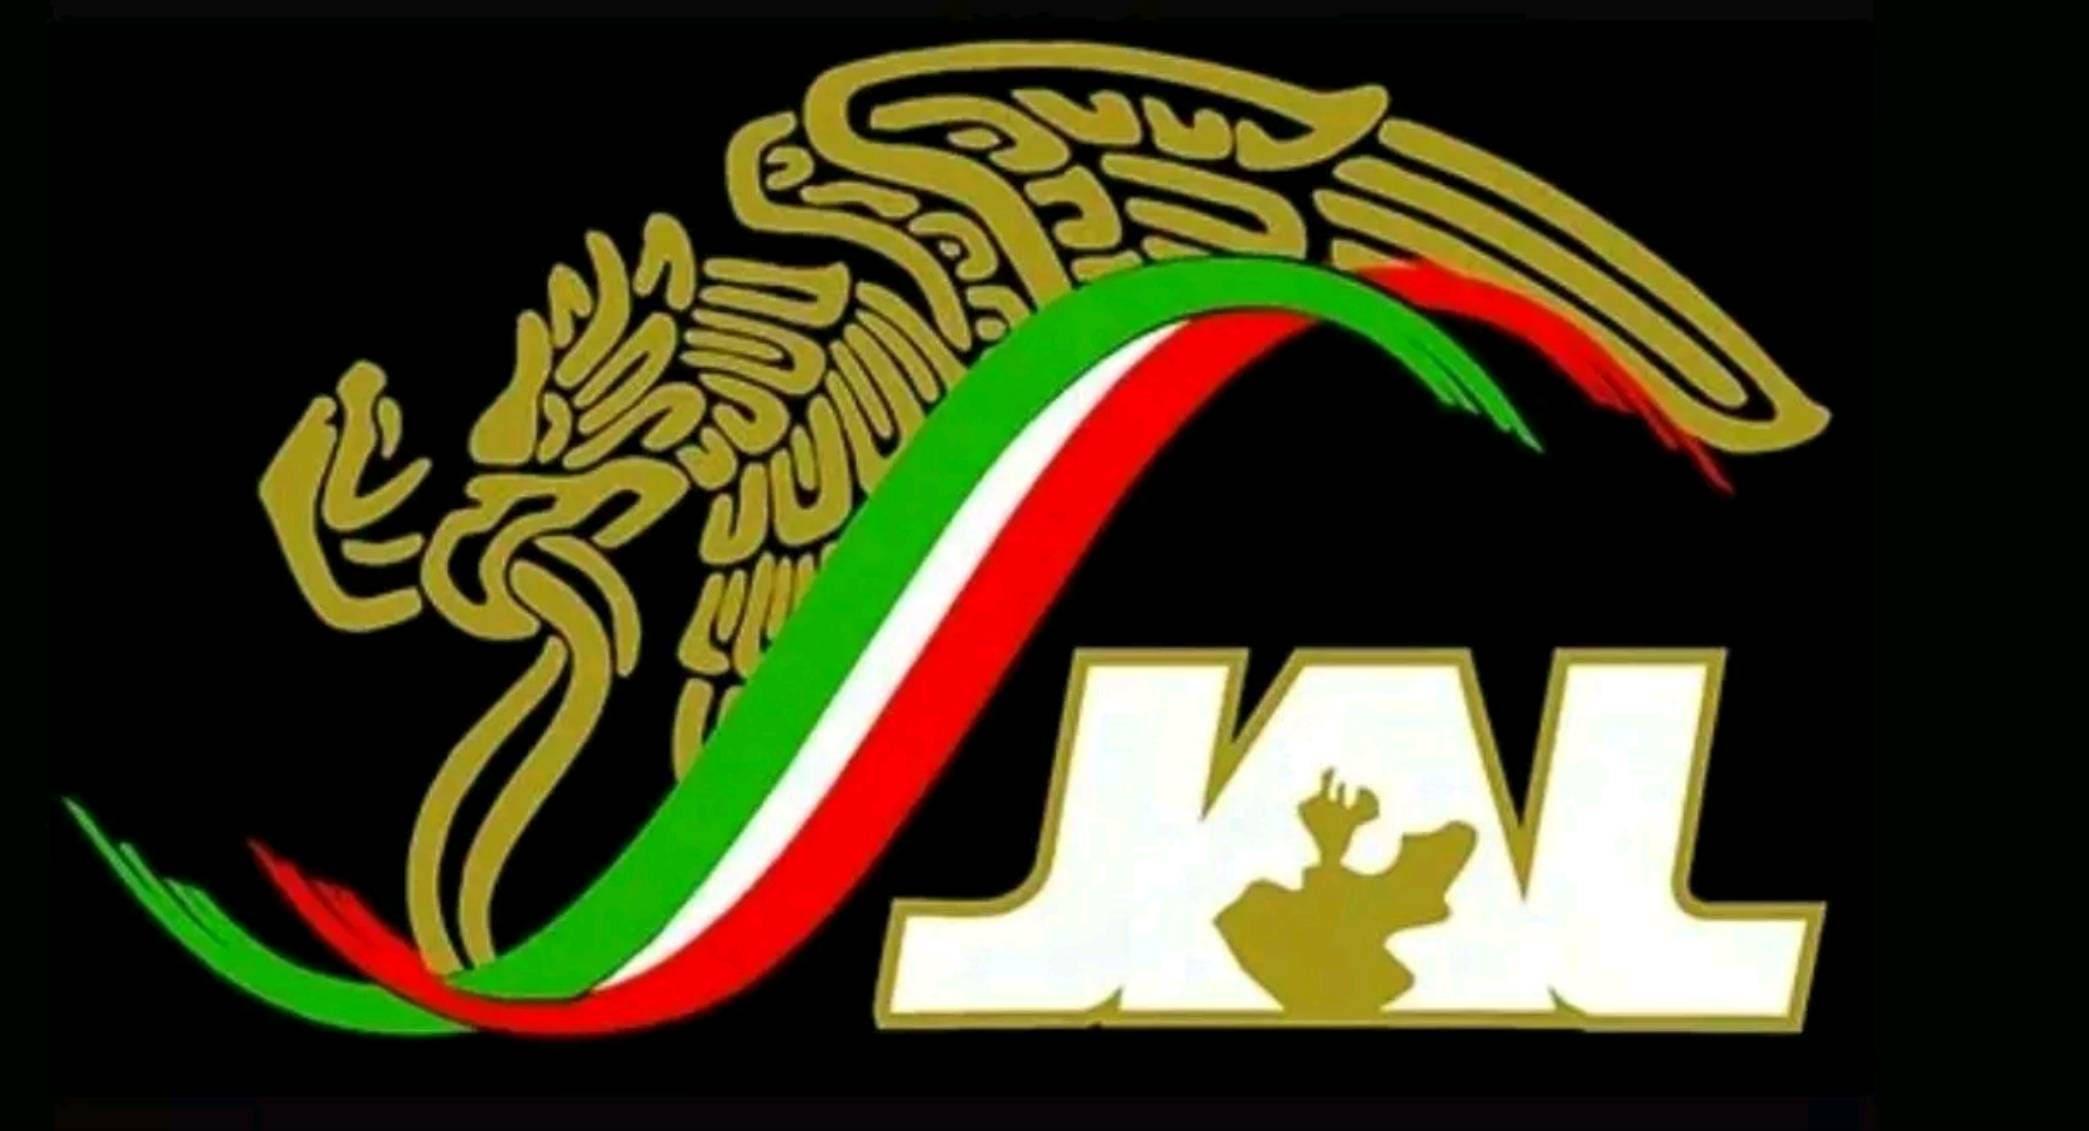 Gobierno Aguila De Mexico JALISCO JAL Vinyl Sticker Decal